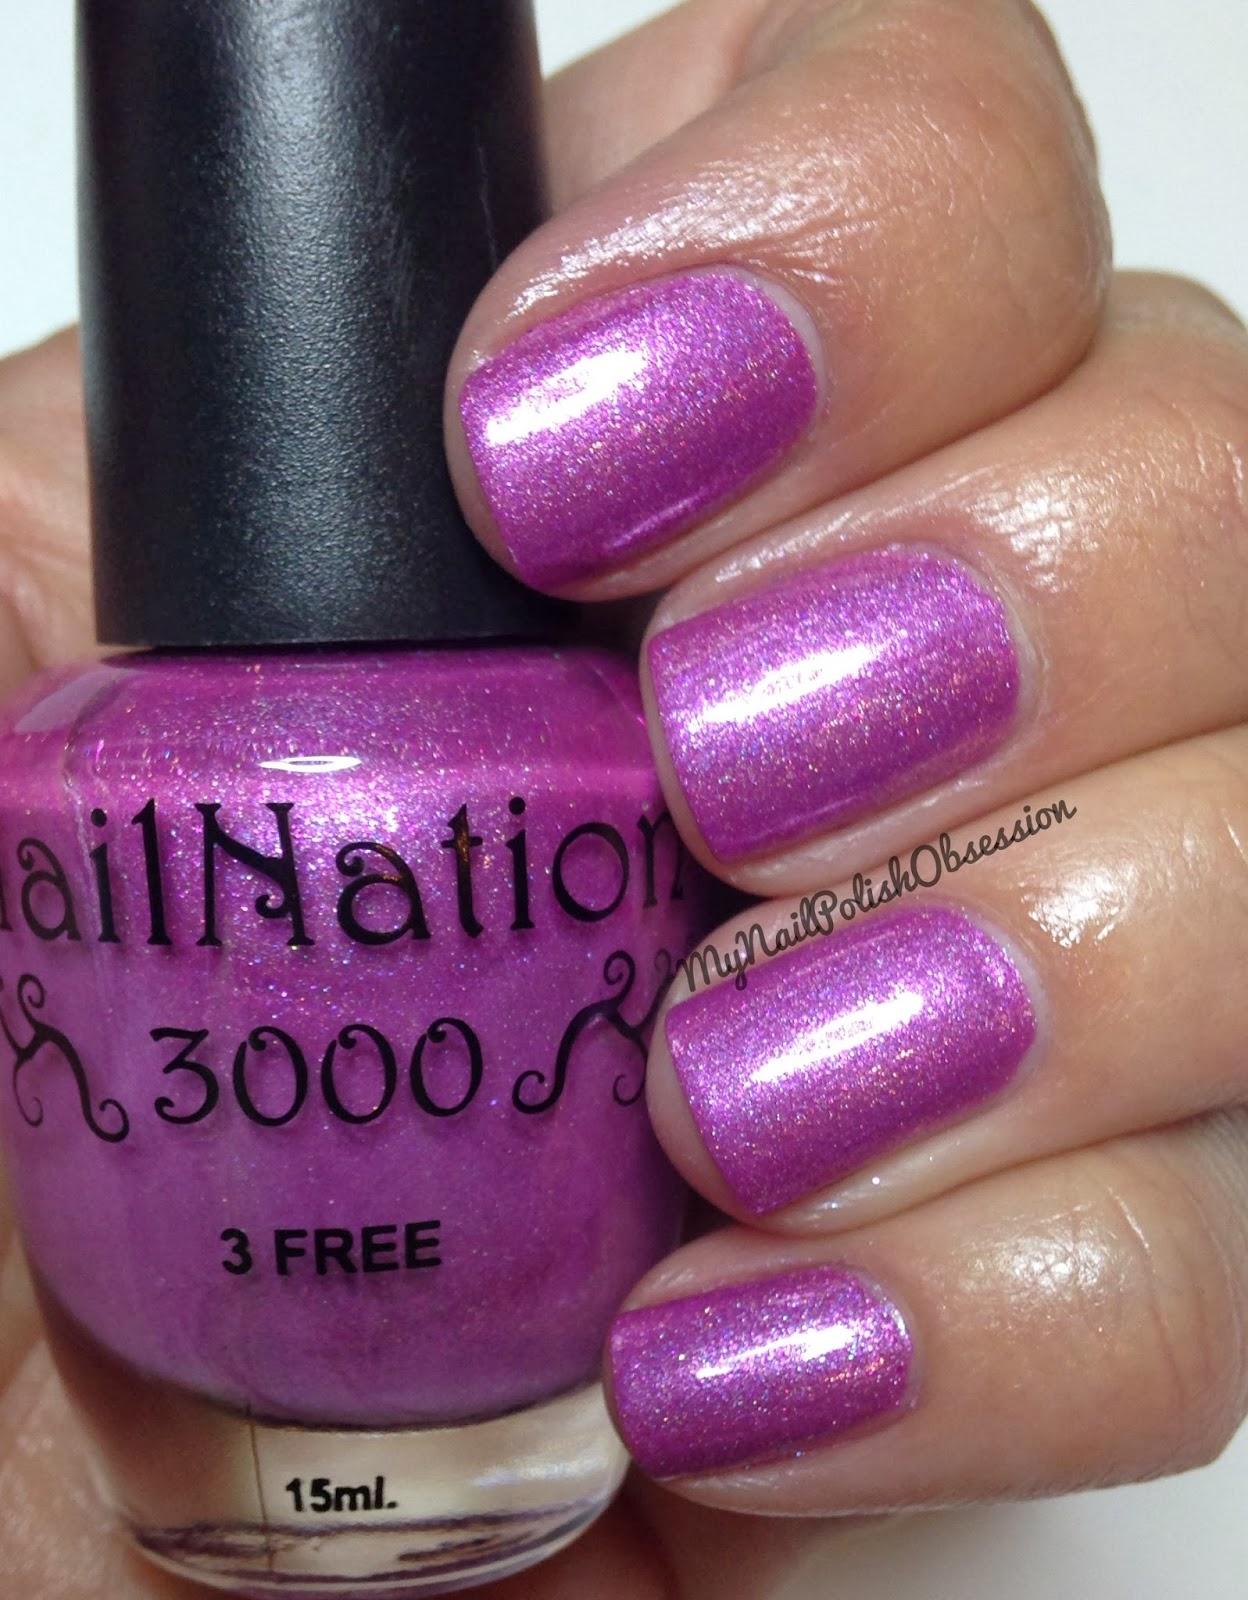 My Nail Polish Obsession: NailNation 3000 SPAM!